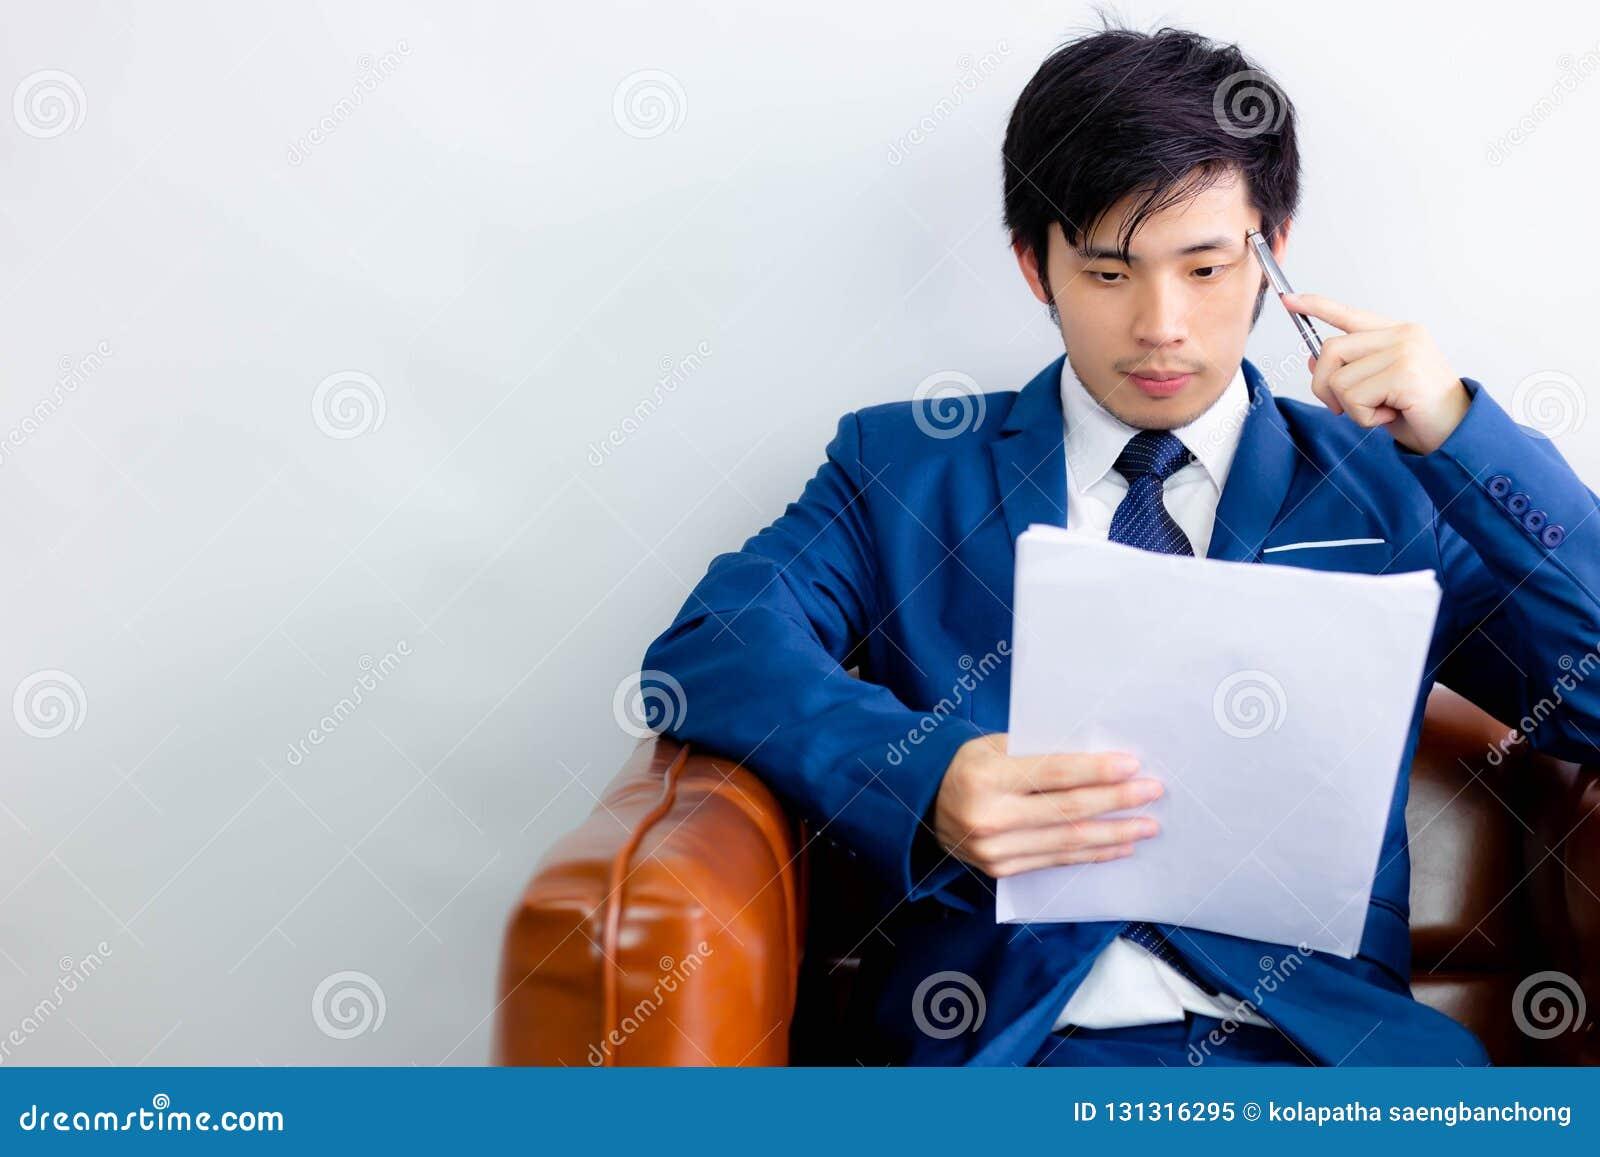 Bezaubernder hübscher junger Kerl denkt seine Arbeit für das Lösen Pro